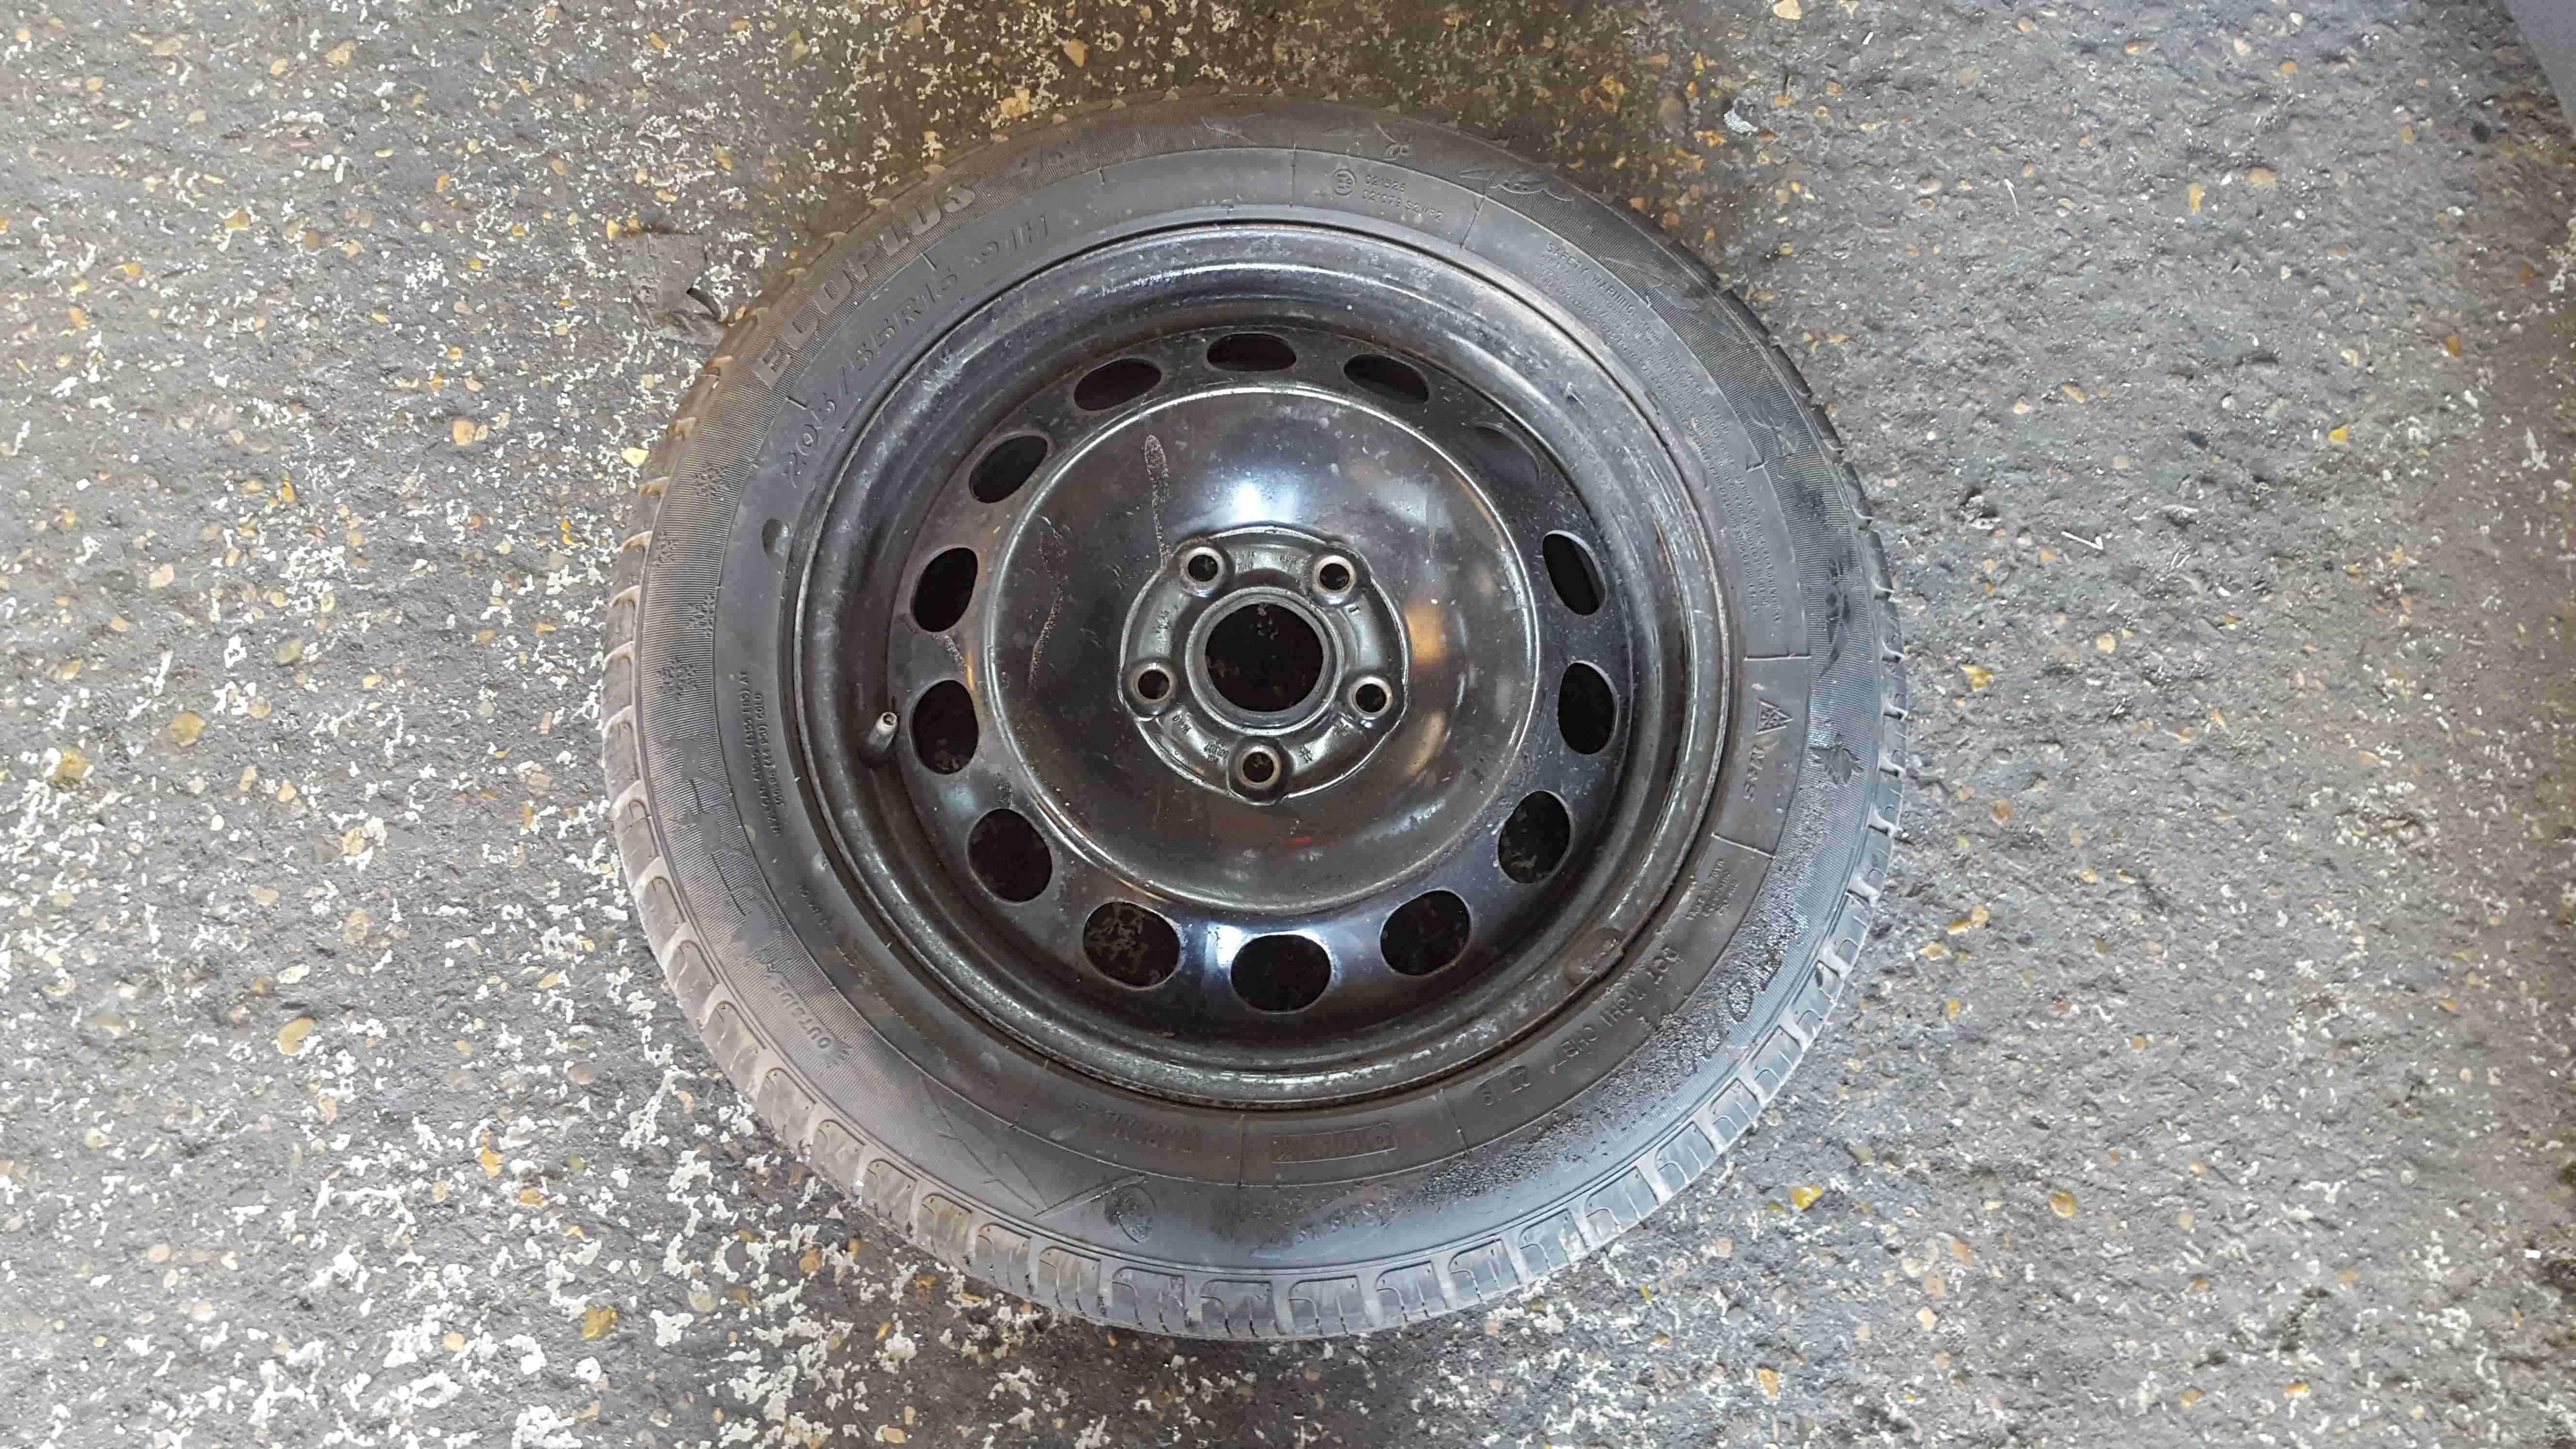 Volkswagen Golf MK5 2003-2009 Steel Wheel Rim + Tyre 205 55 16 8mm Tread